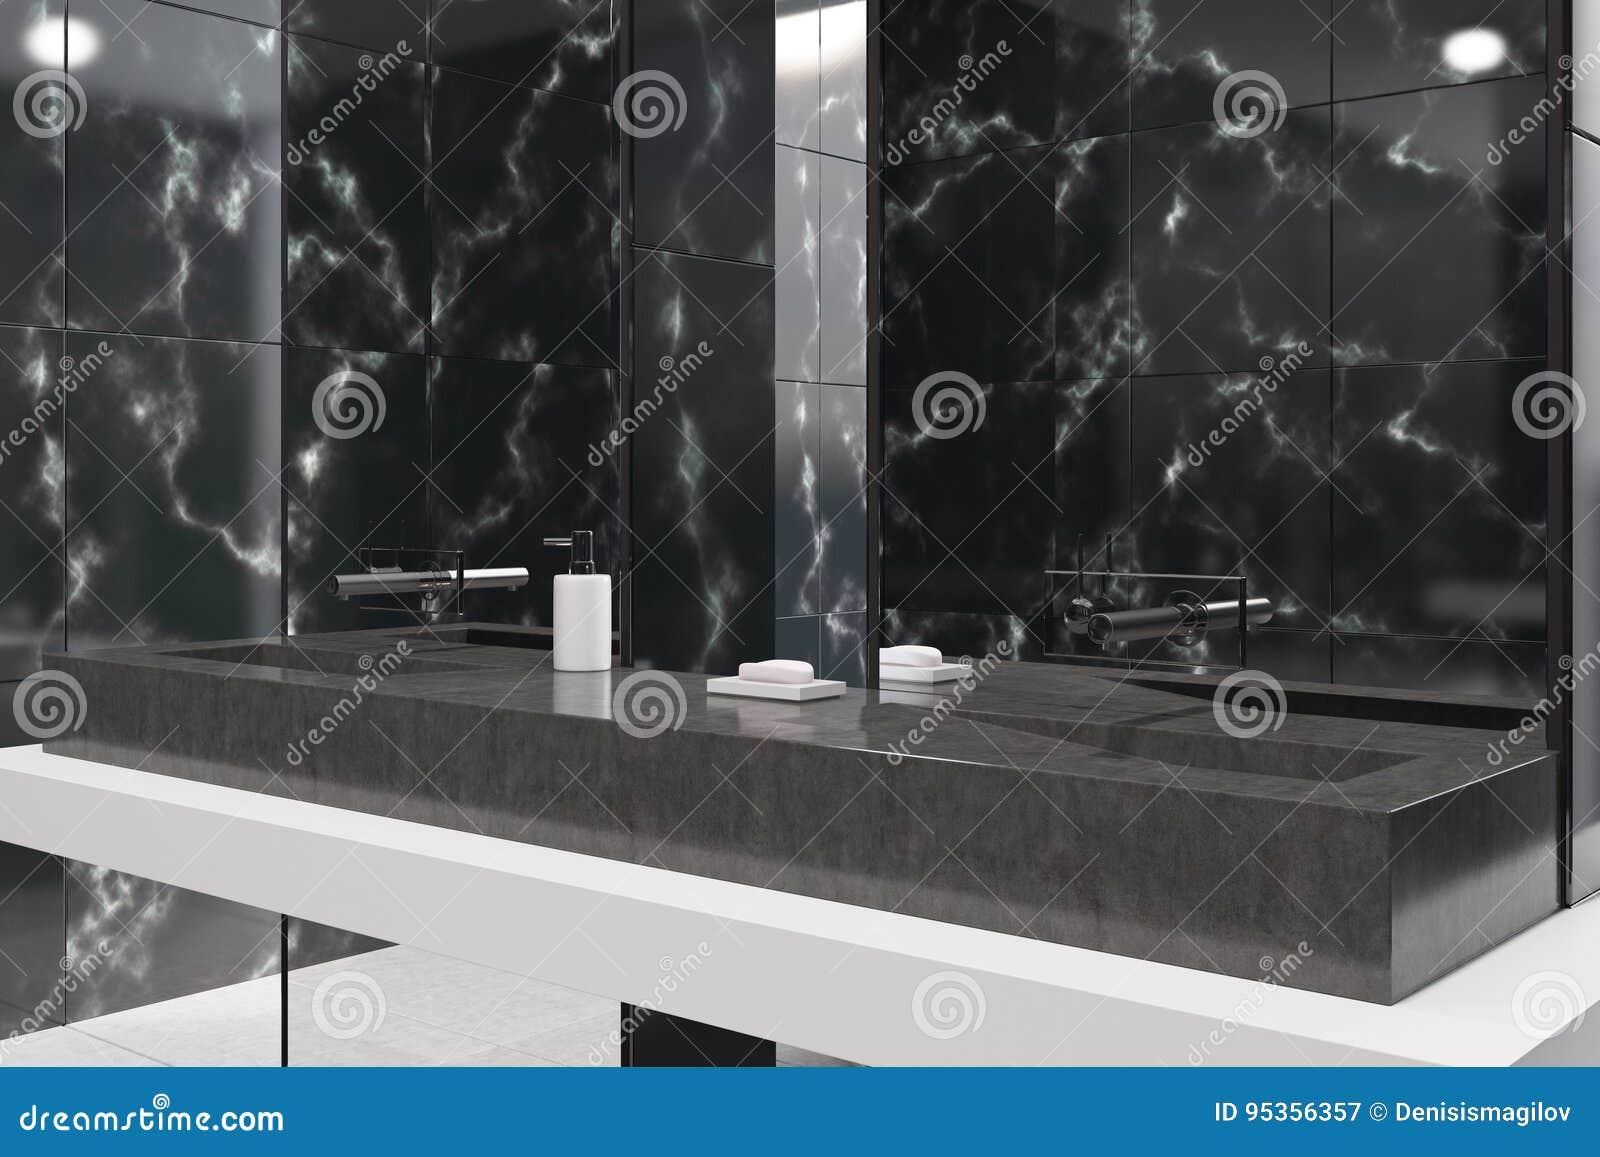 Bagni In Marmo Nero : Bagno di marmo nero panoramico primo piano illustrazione di stock